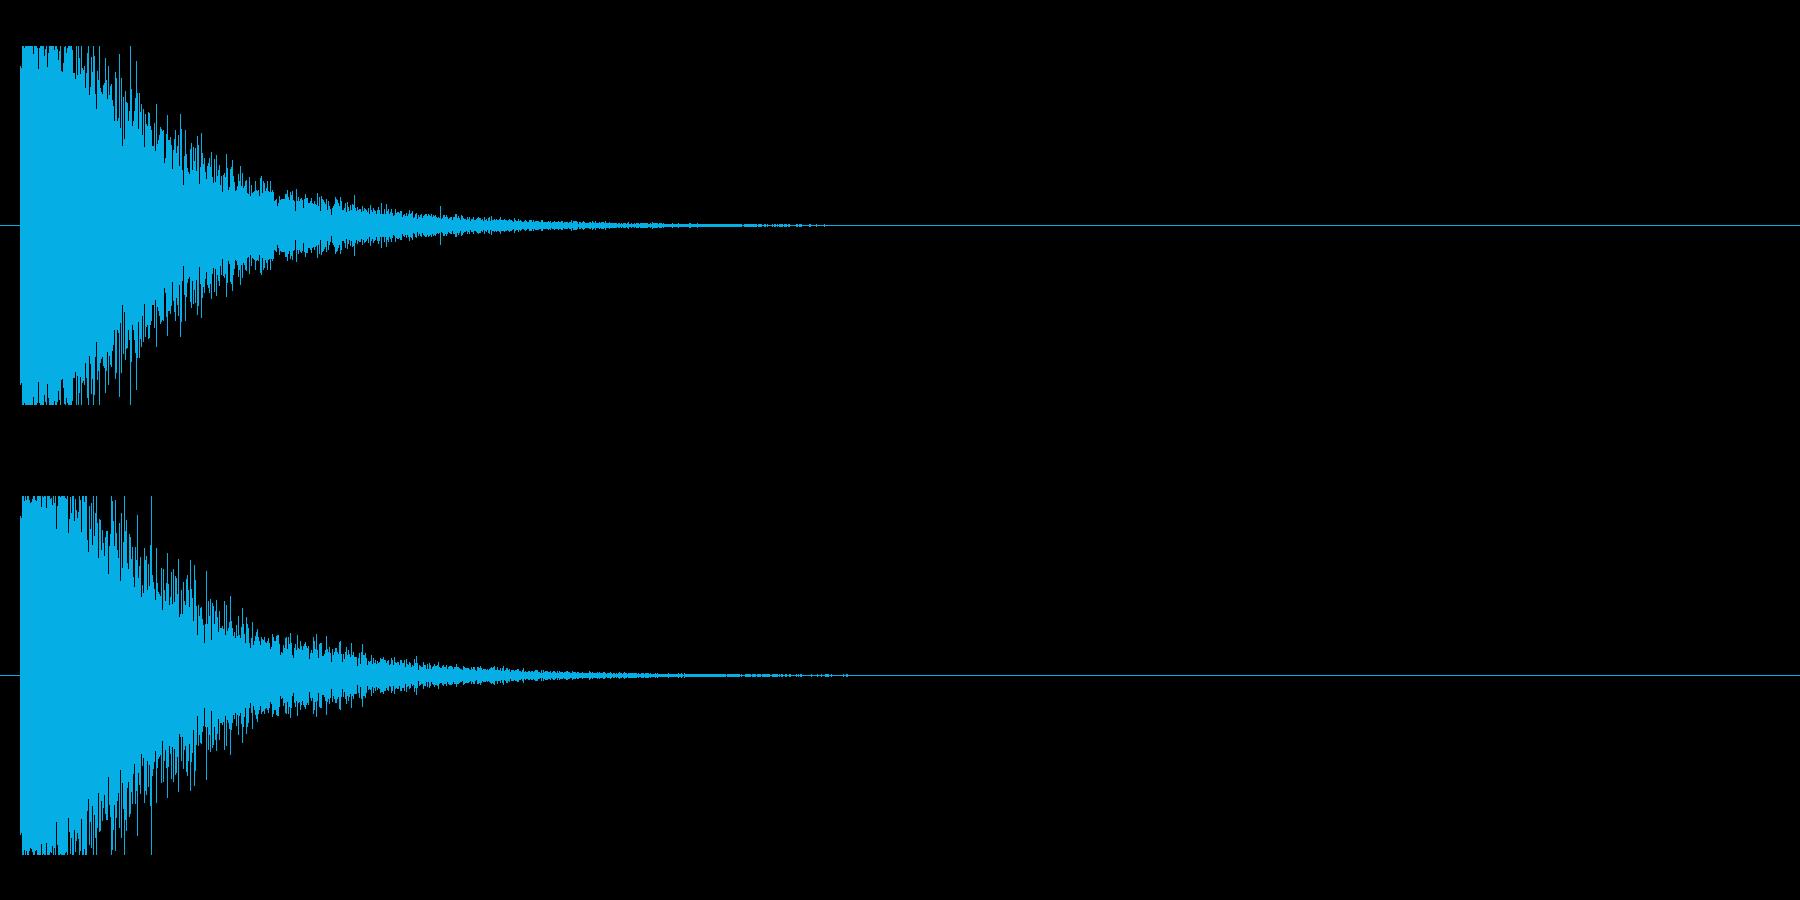 レーザー音-137-1の再生済みの波形